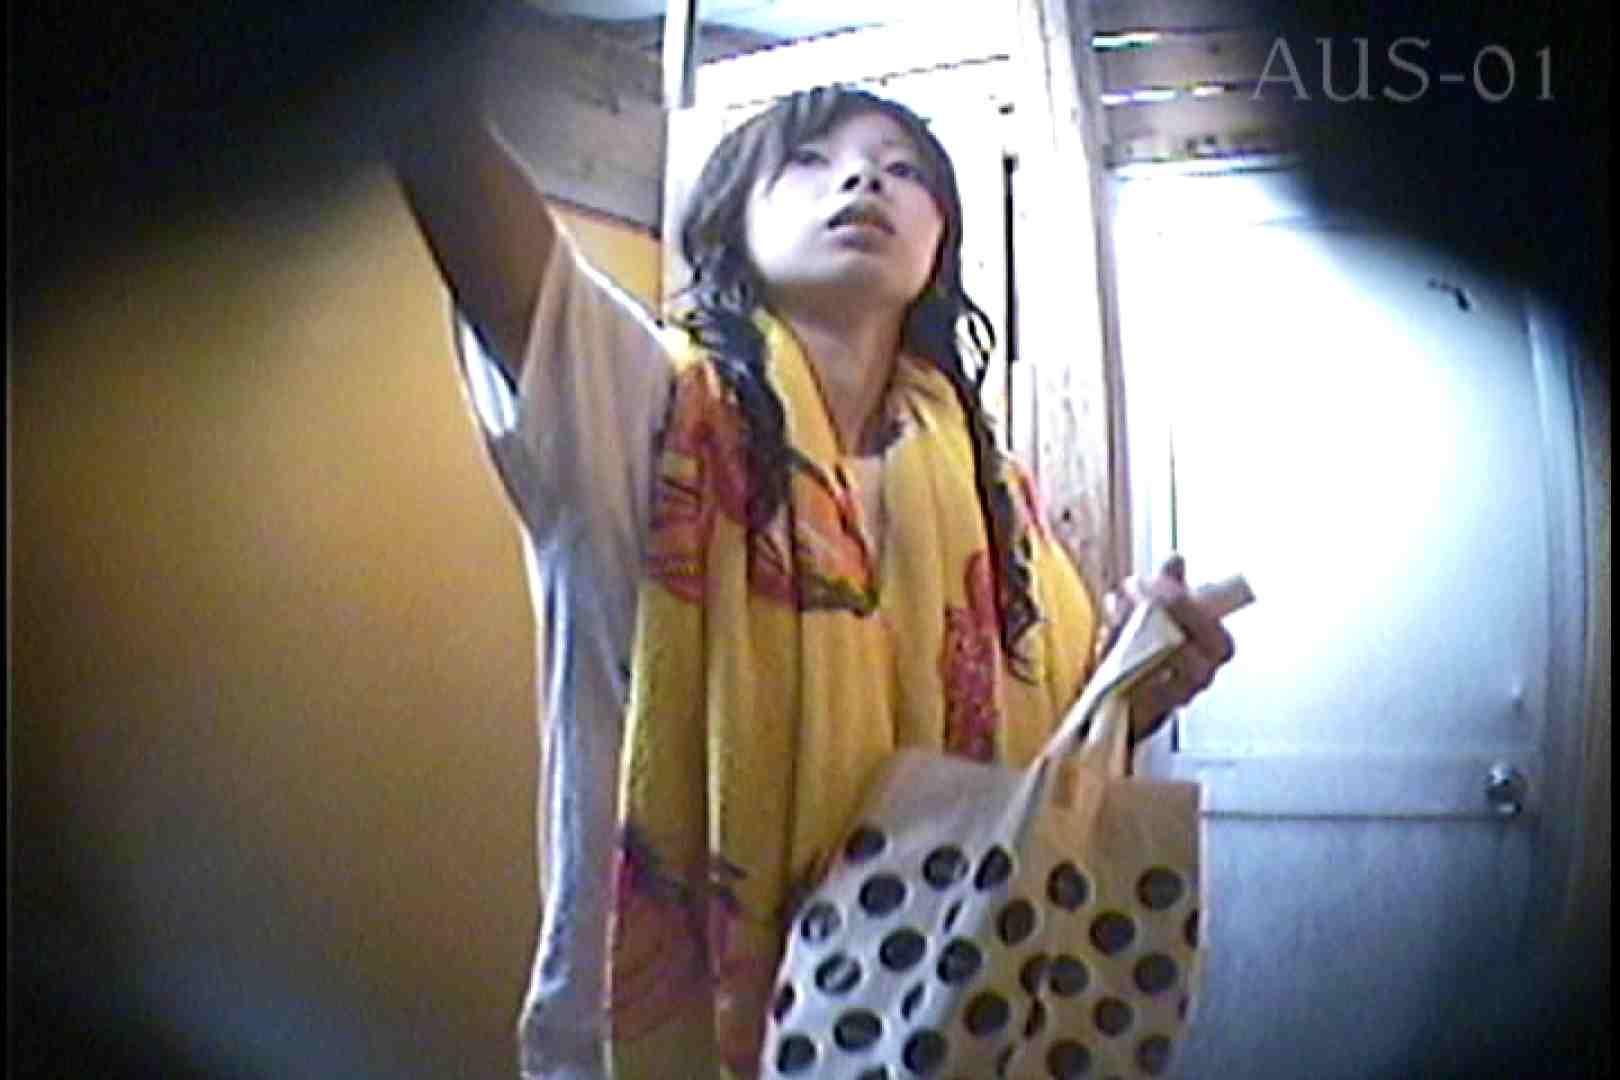 海の家の更衣室 Vol.01 Hな美女 戯れ無修正画像 88pic 20